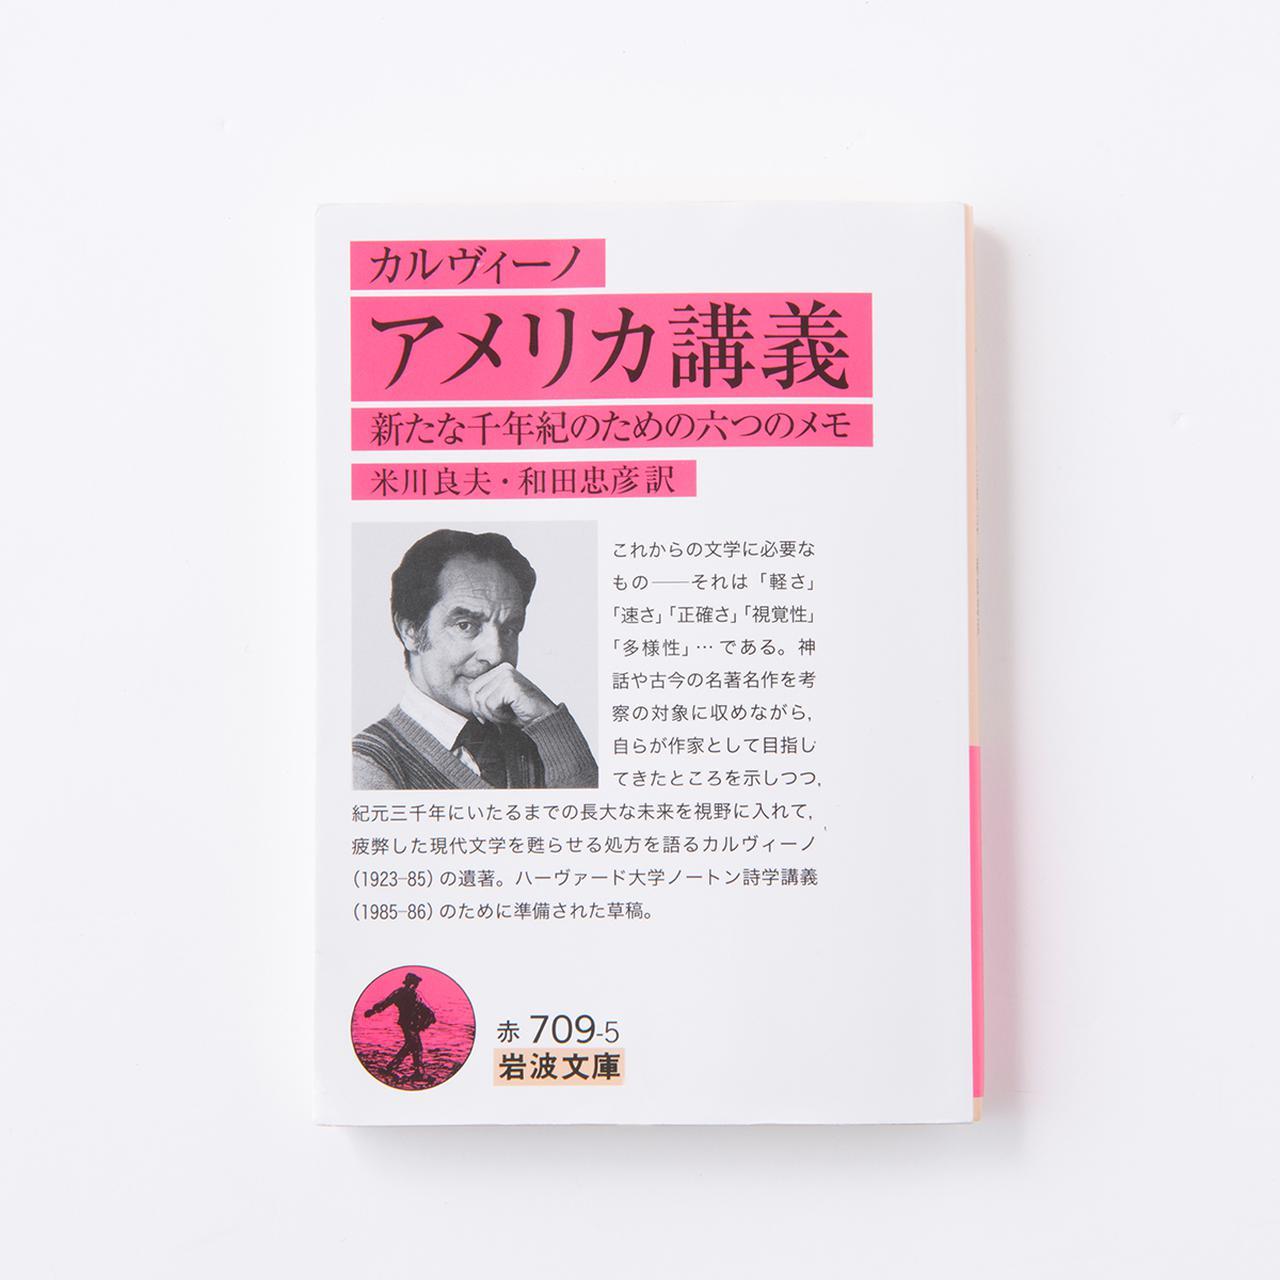 Images : 『カルヴィーノ アメリカ講義 新たな千年紀のための六つのメモ』¥840